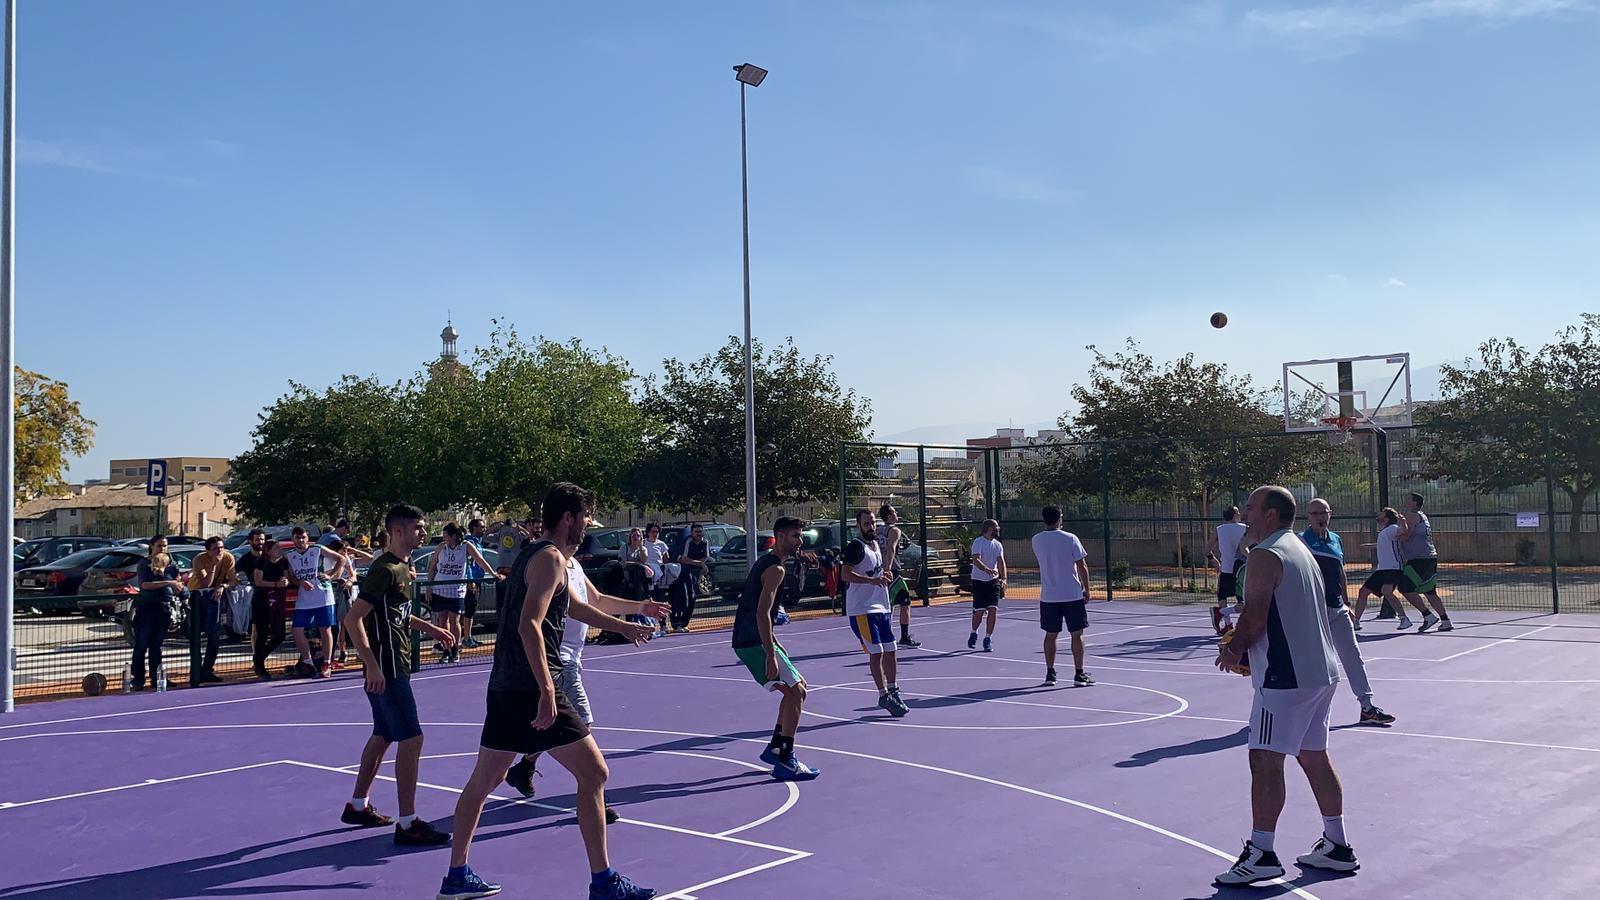 El bàsquet preparat per a prendre els parcs d'Ontinyent El Periòdic d'Ontinyent